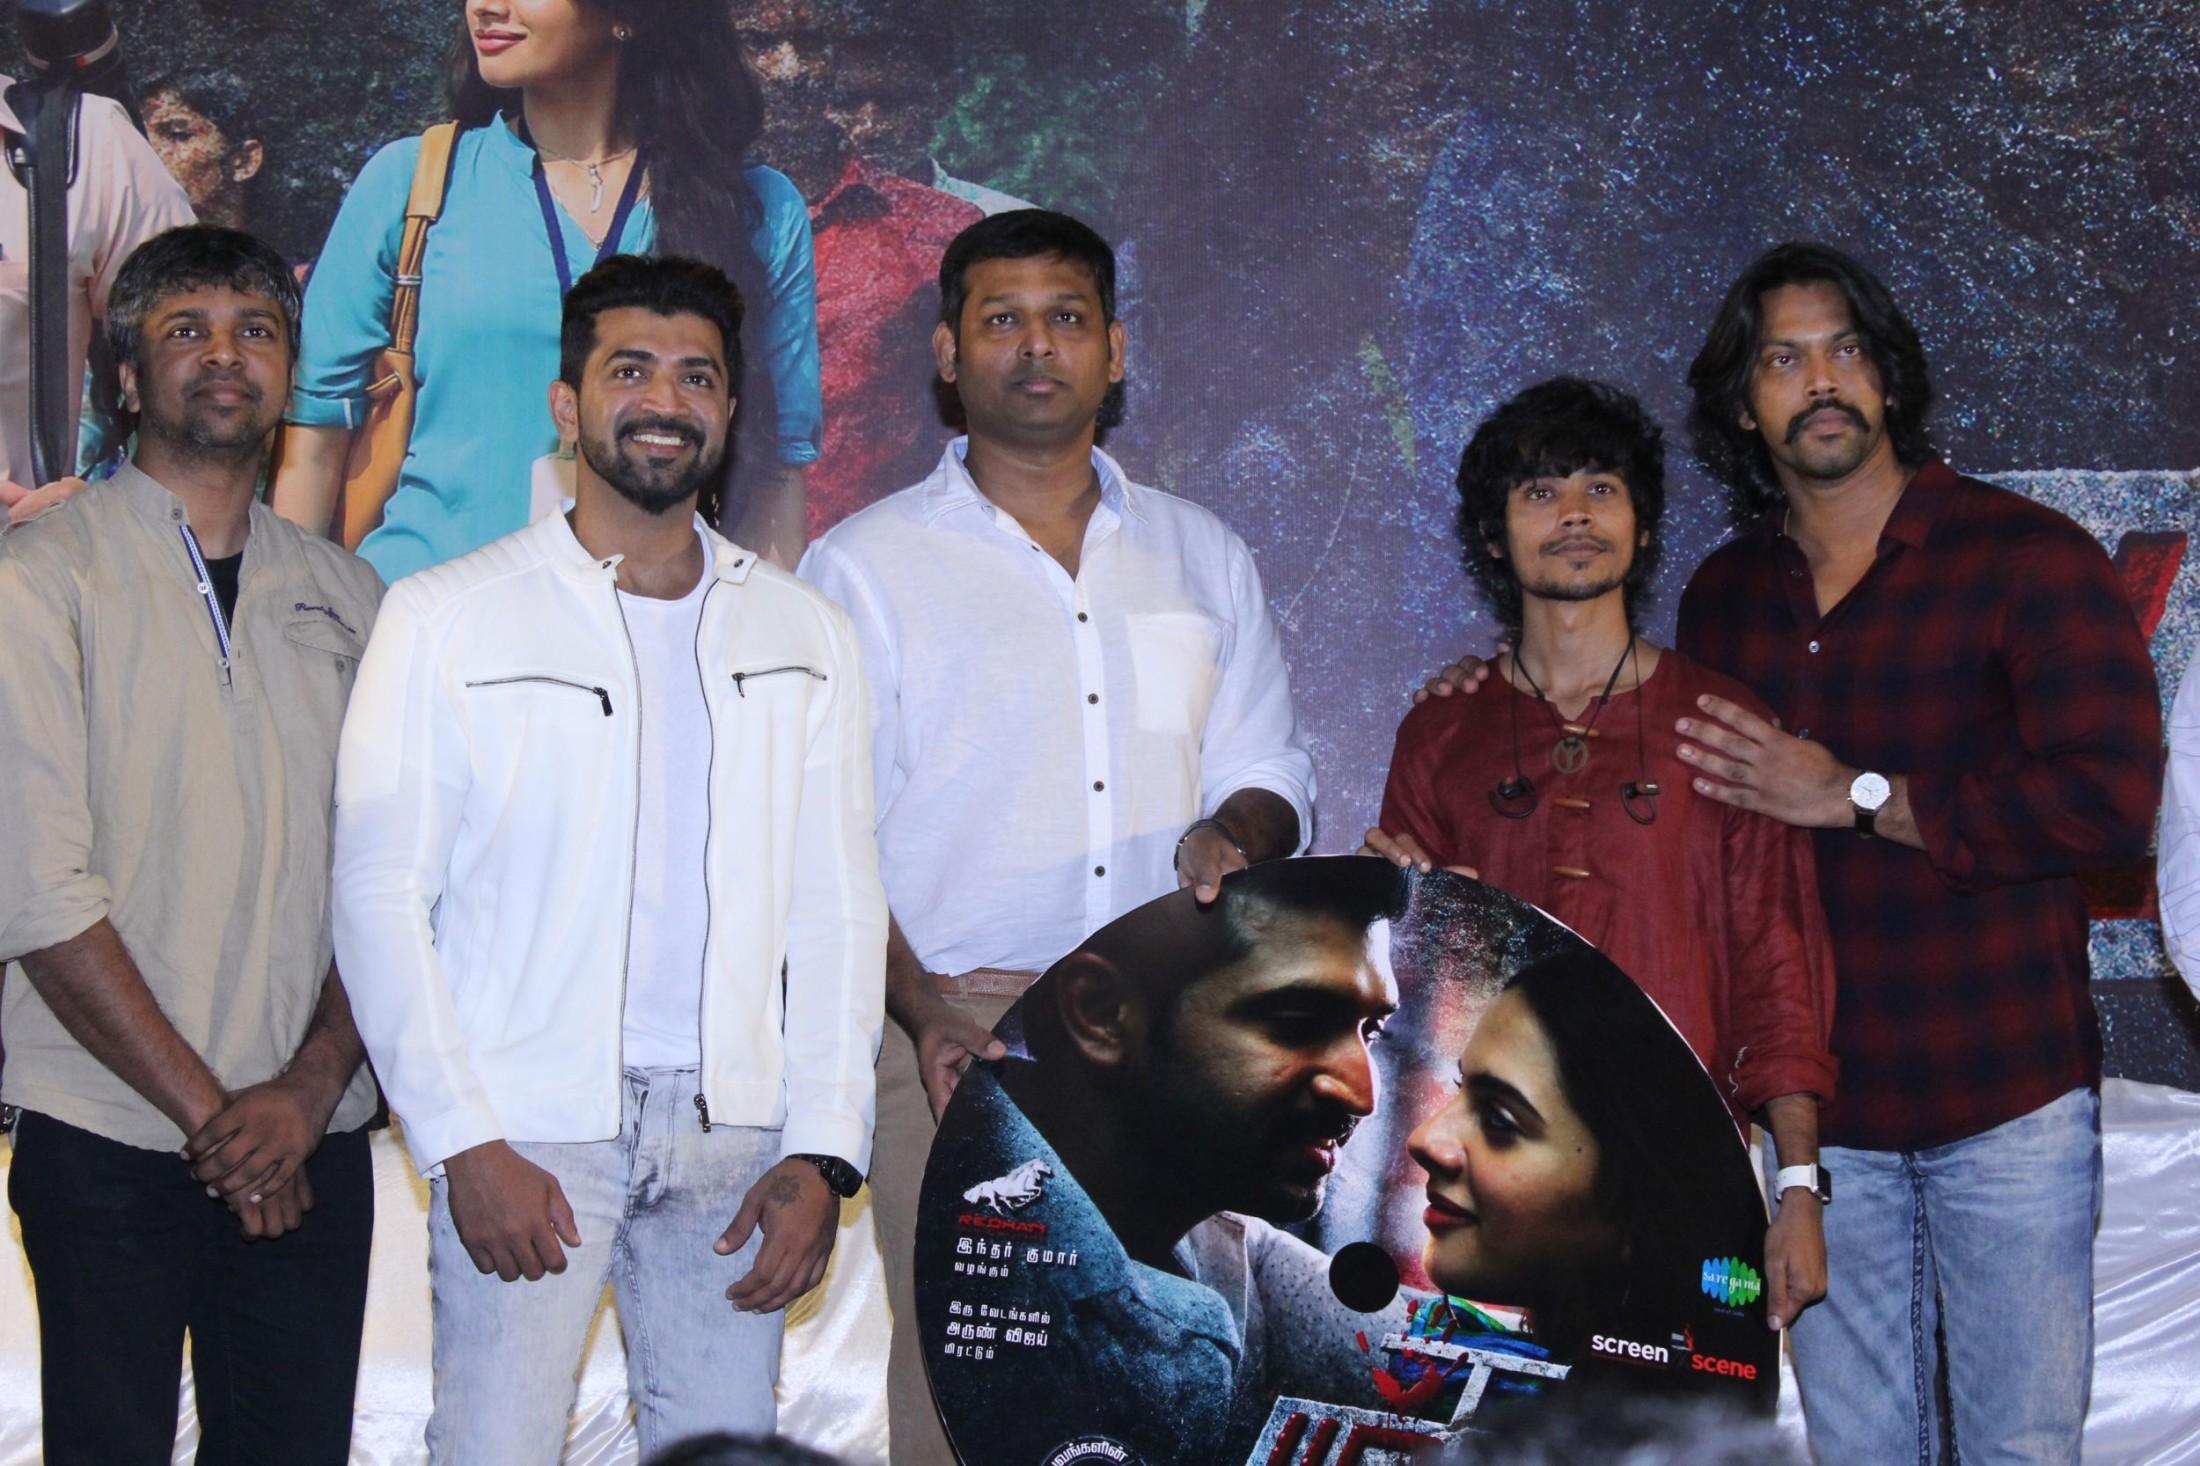 பிரபலங்கள் கலந்துகொண்ட 'தடம்' திரைப்படத்தின் ஆடியோ லான்ச் புகைப்படங்கள்